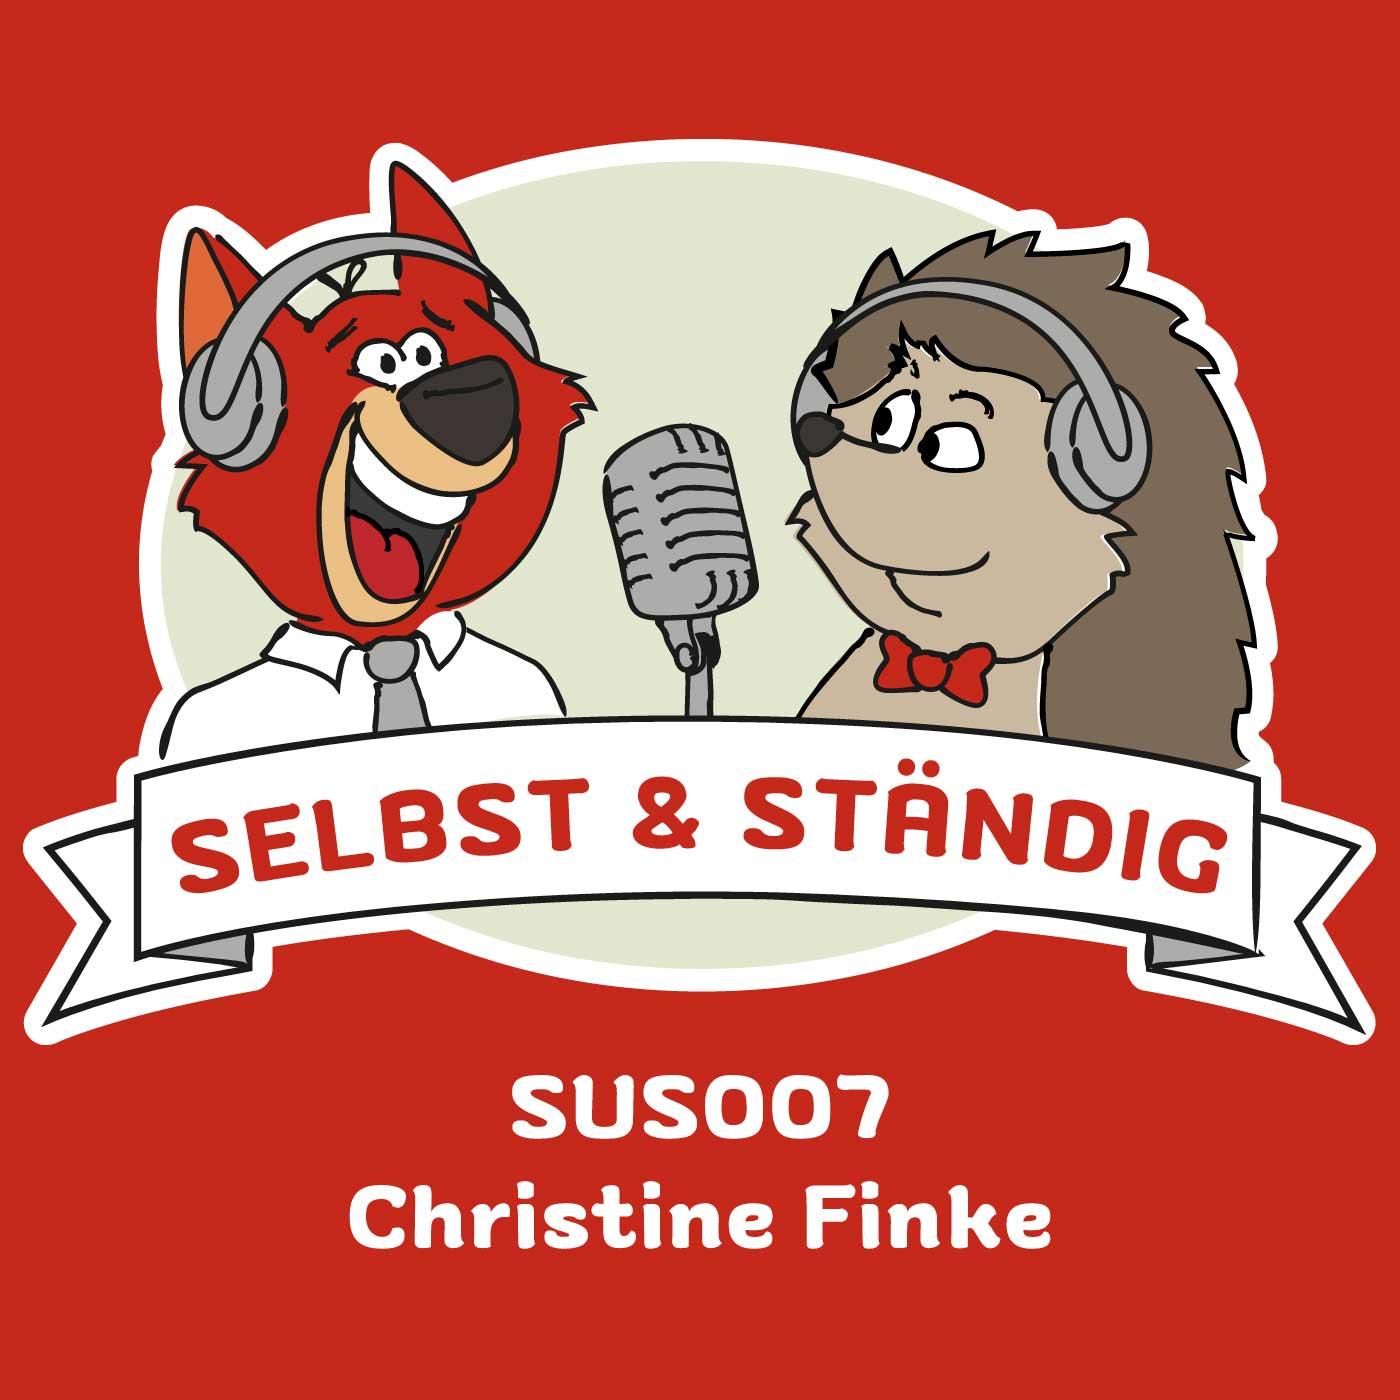 SUS007 Christine Finke